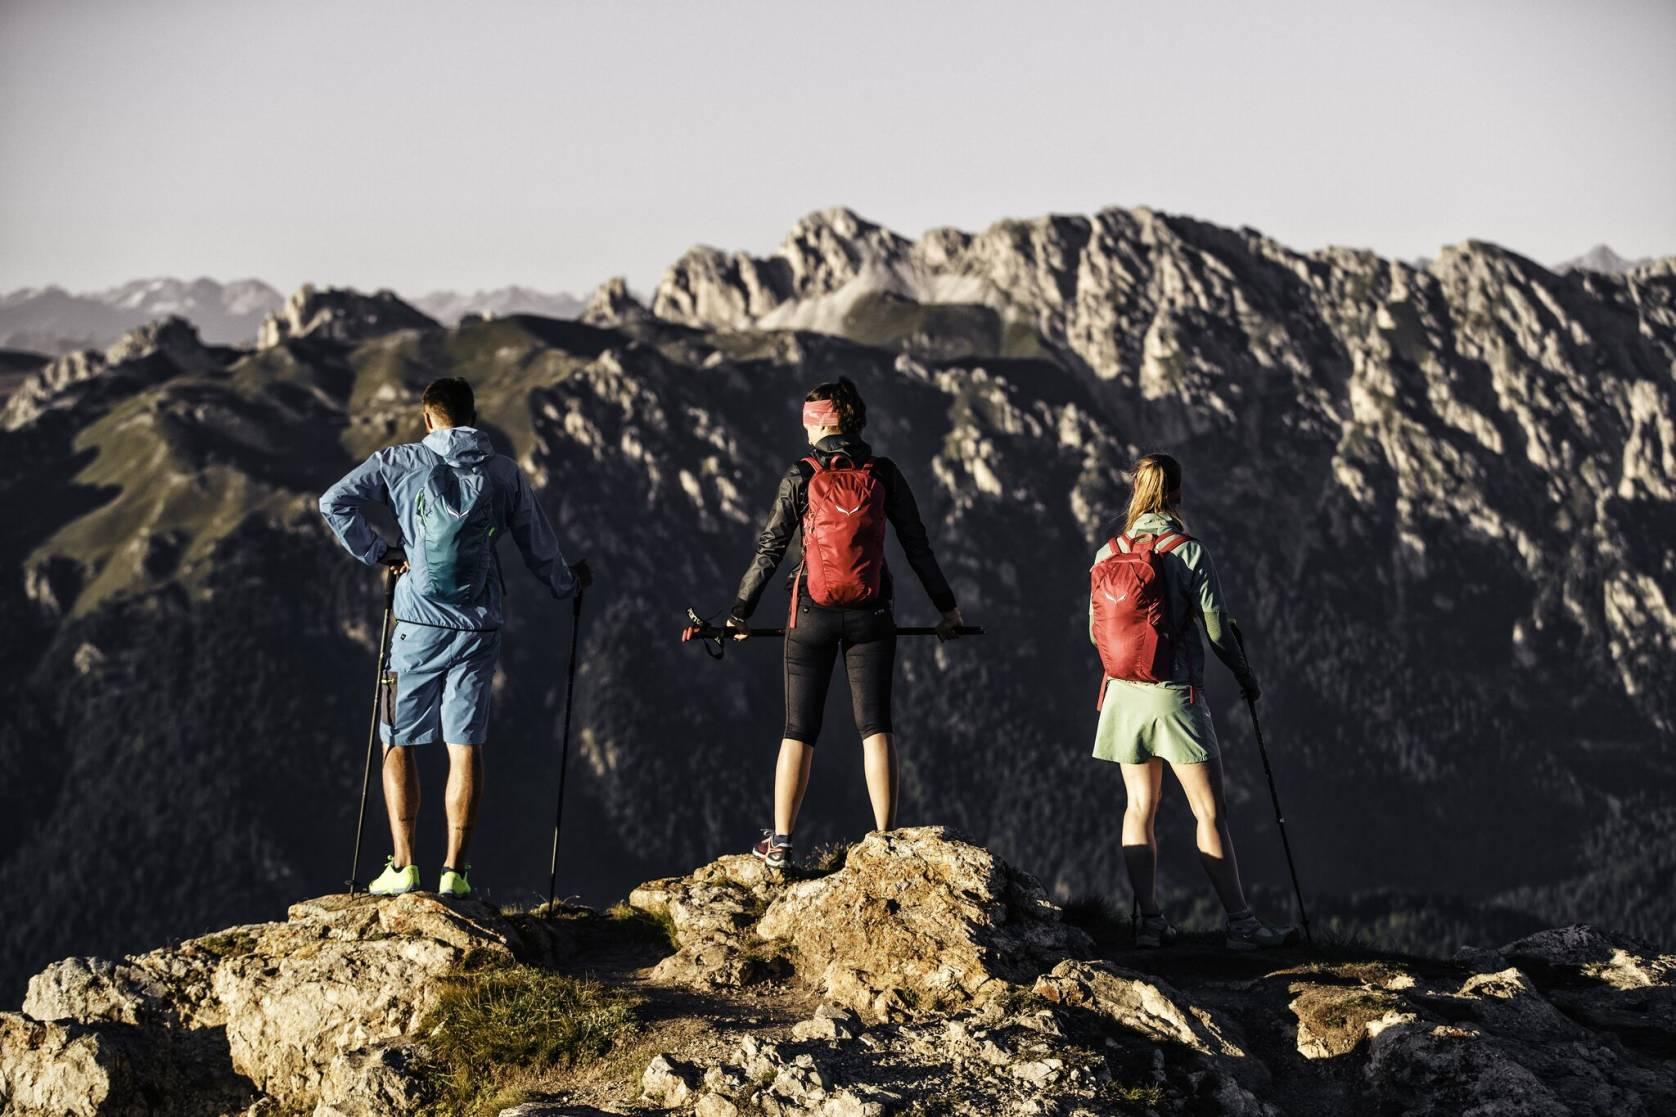 Salewa brand hikers